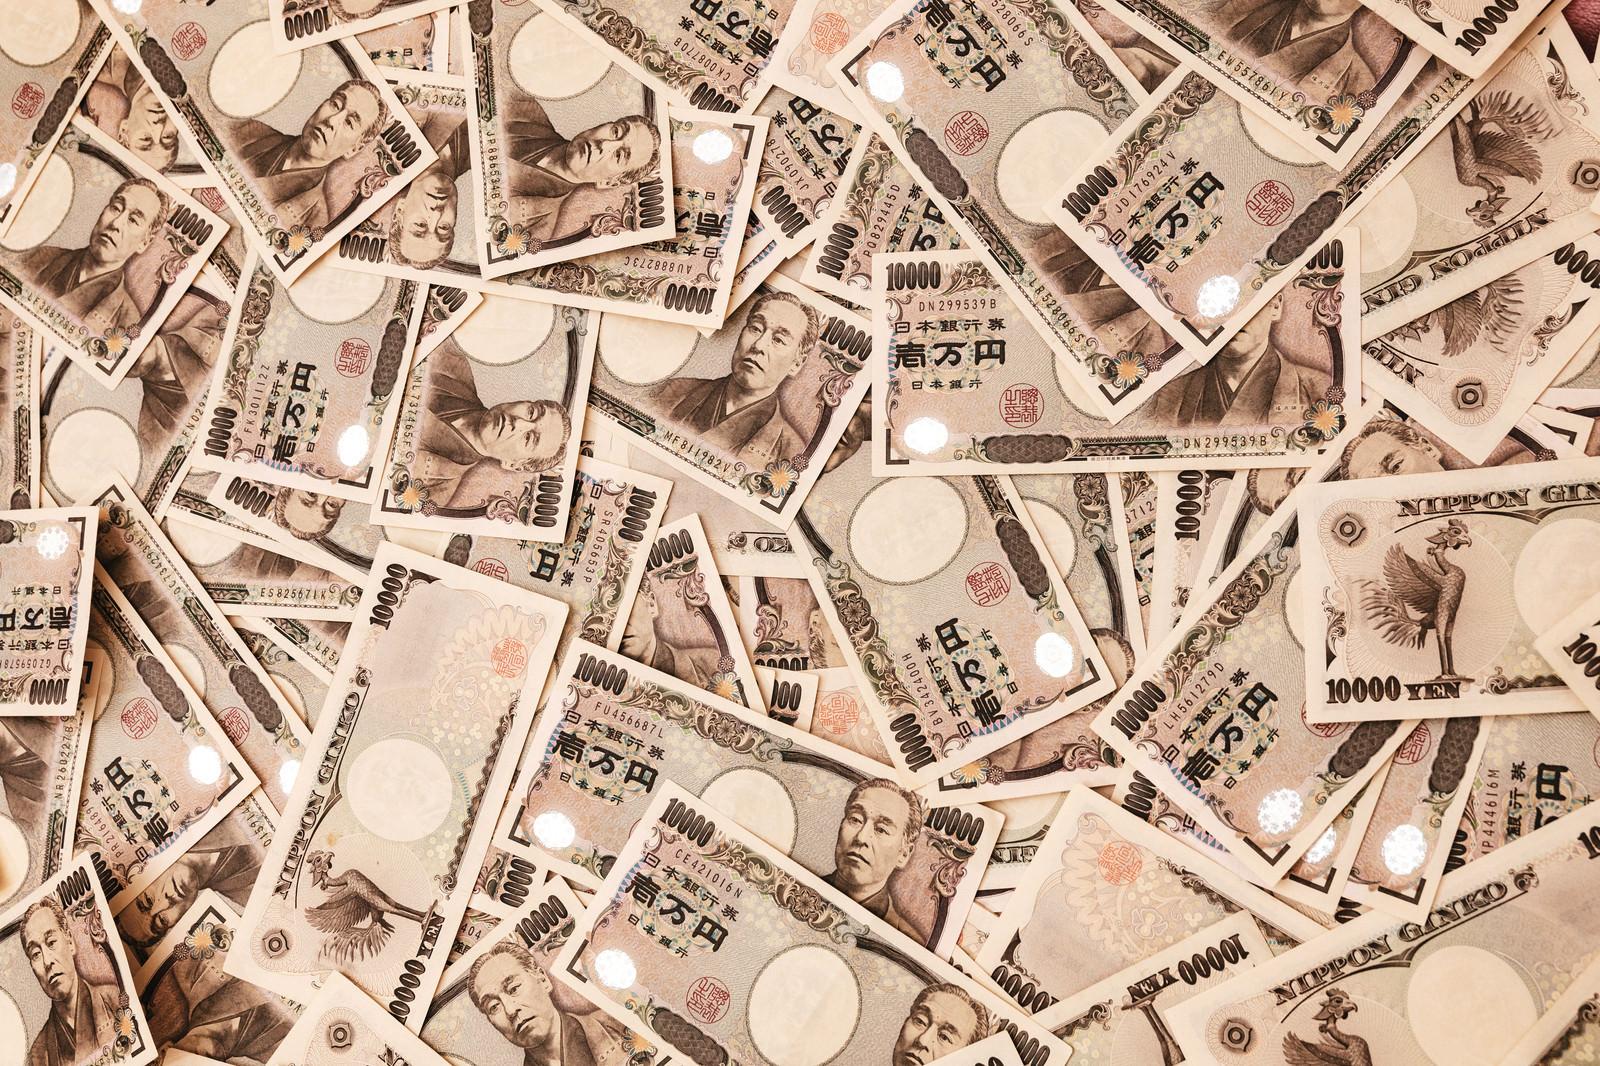 「100万円相当の紙幣をばら撒く」の写真